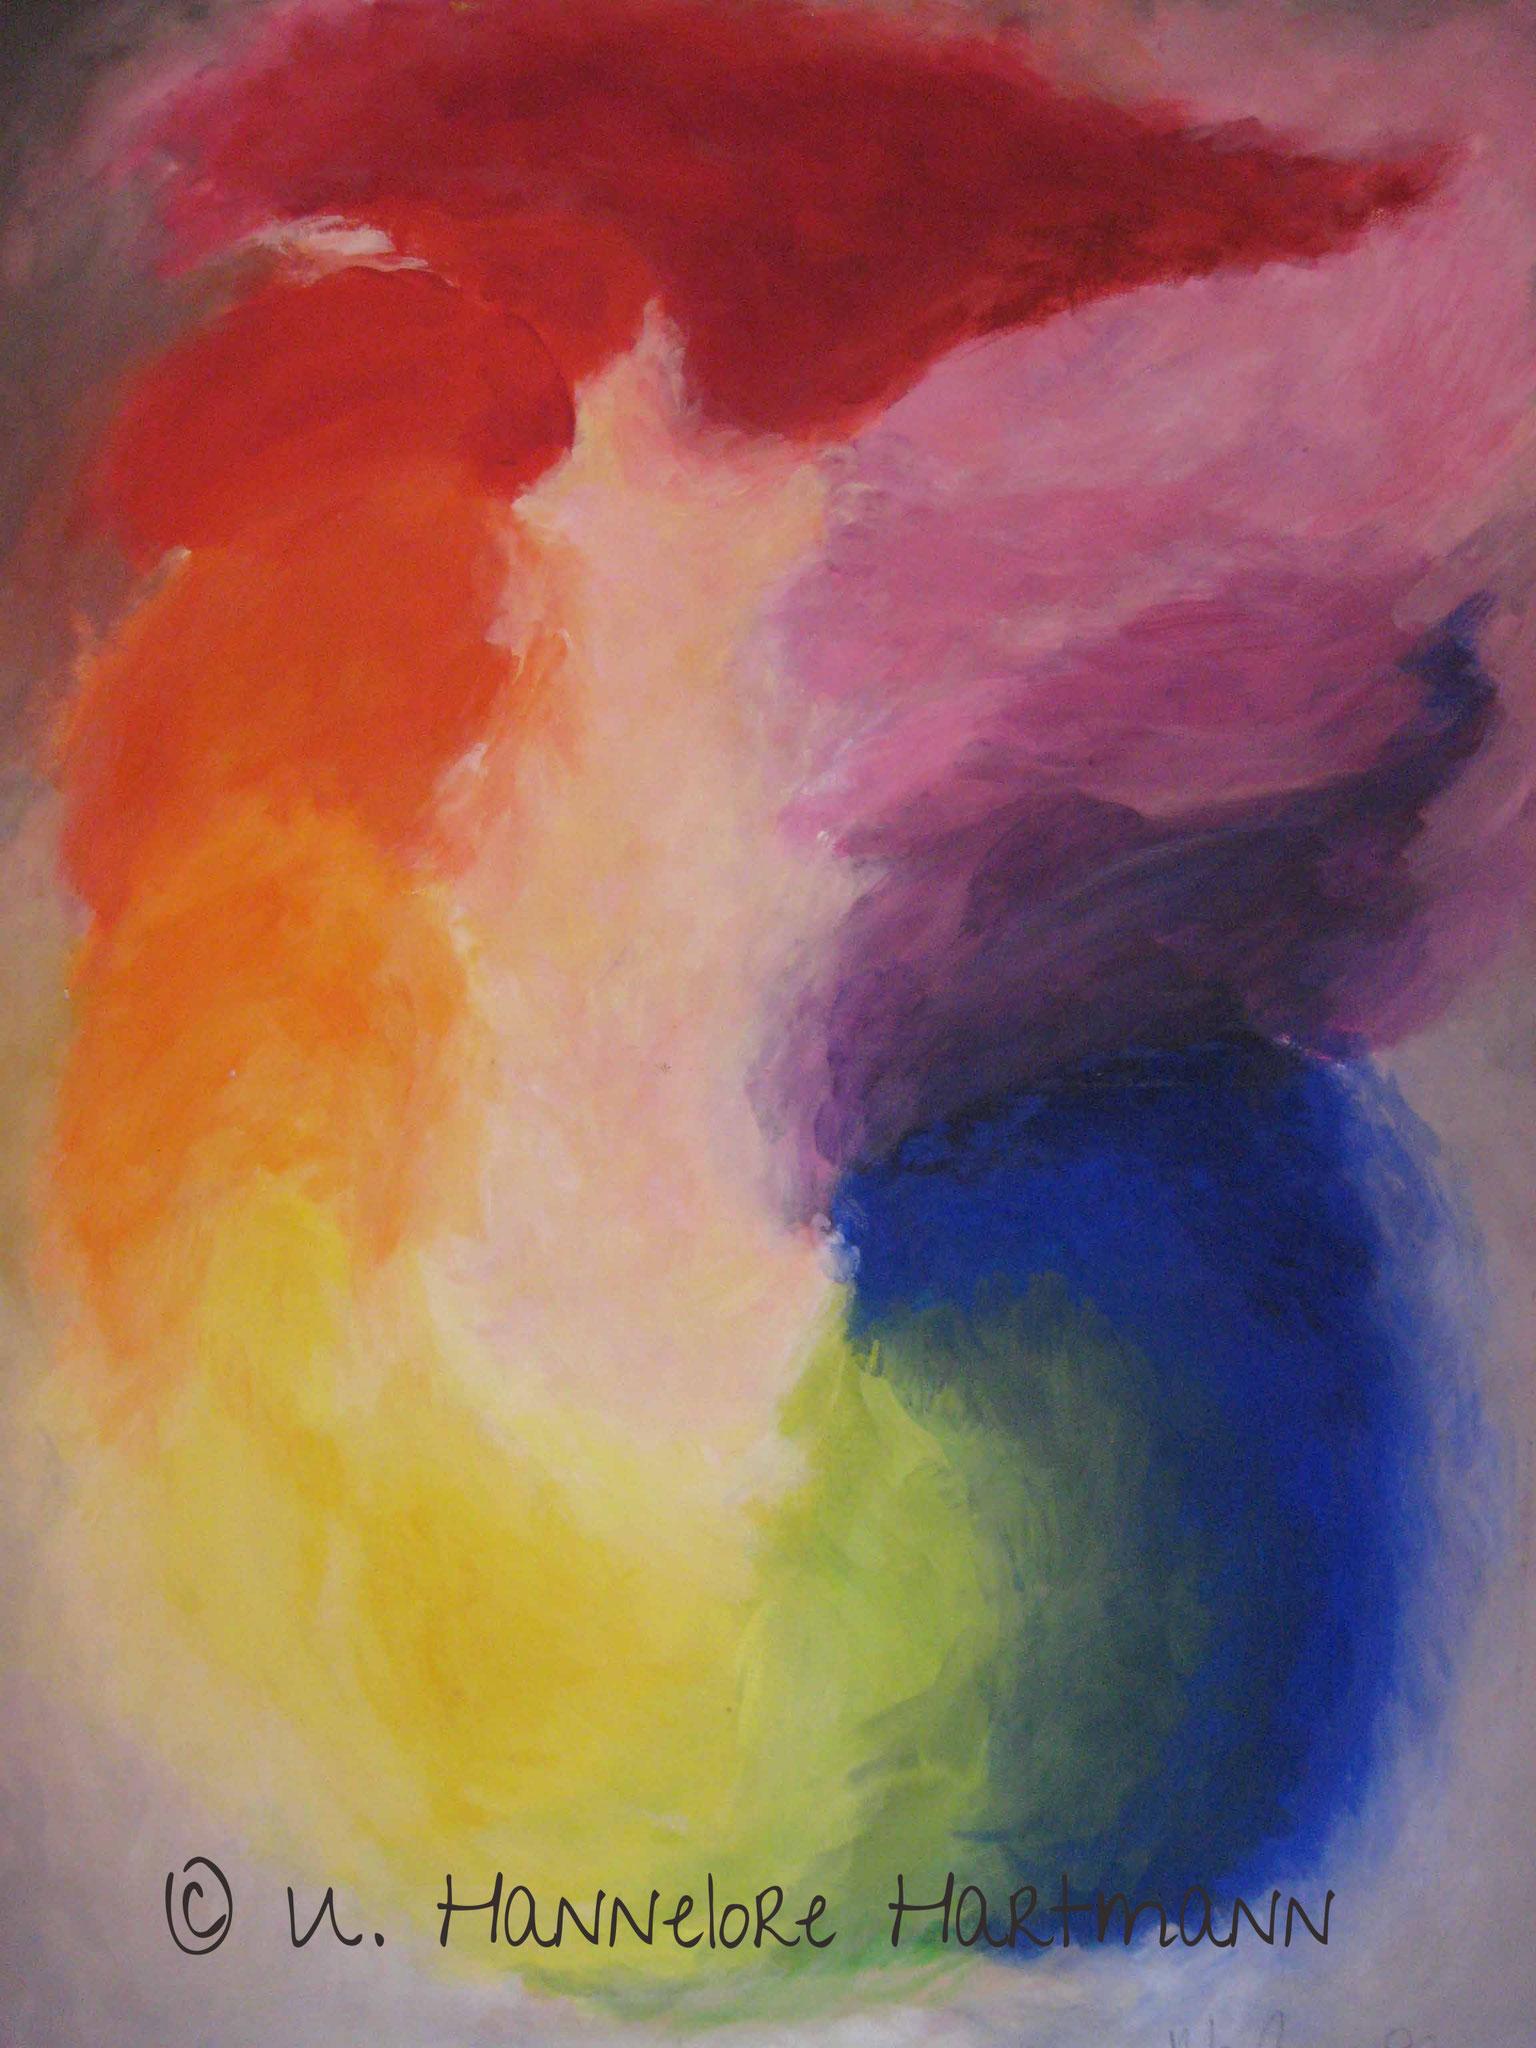 """""""Der Goethe Farbkreis"""", Polarität & Steigerung,  Aktiv & Passiv, Licht & Finsterniss, Acryl auf Nessel, 100 x 80, mit Kupferrohrrahmen"""